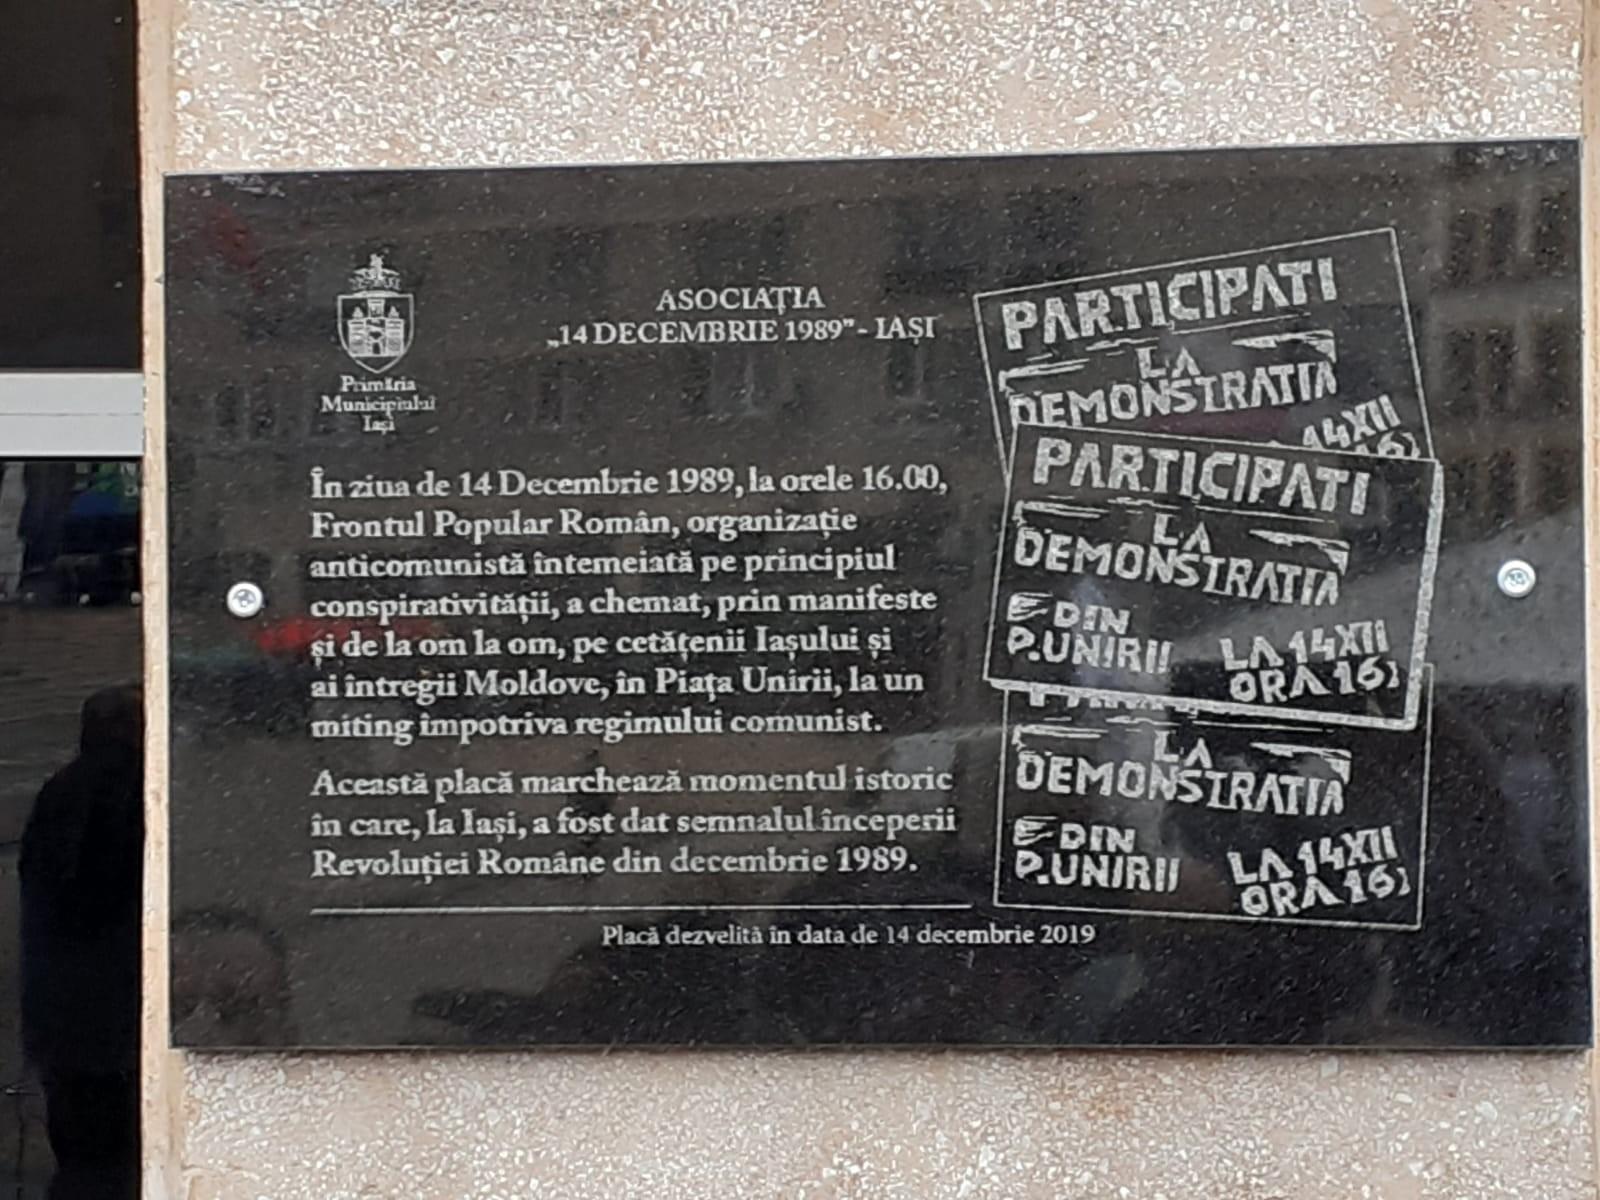 Exclusiv Evz Tv! Revoluția ascunsă. Trădătorii de la Iași, generalii torționari și mascarea loviturilor de stat